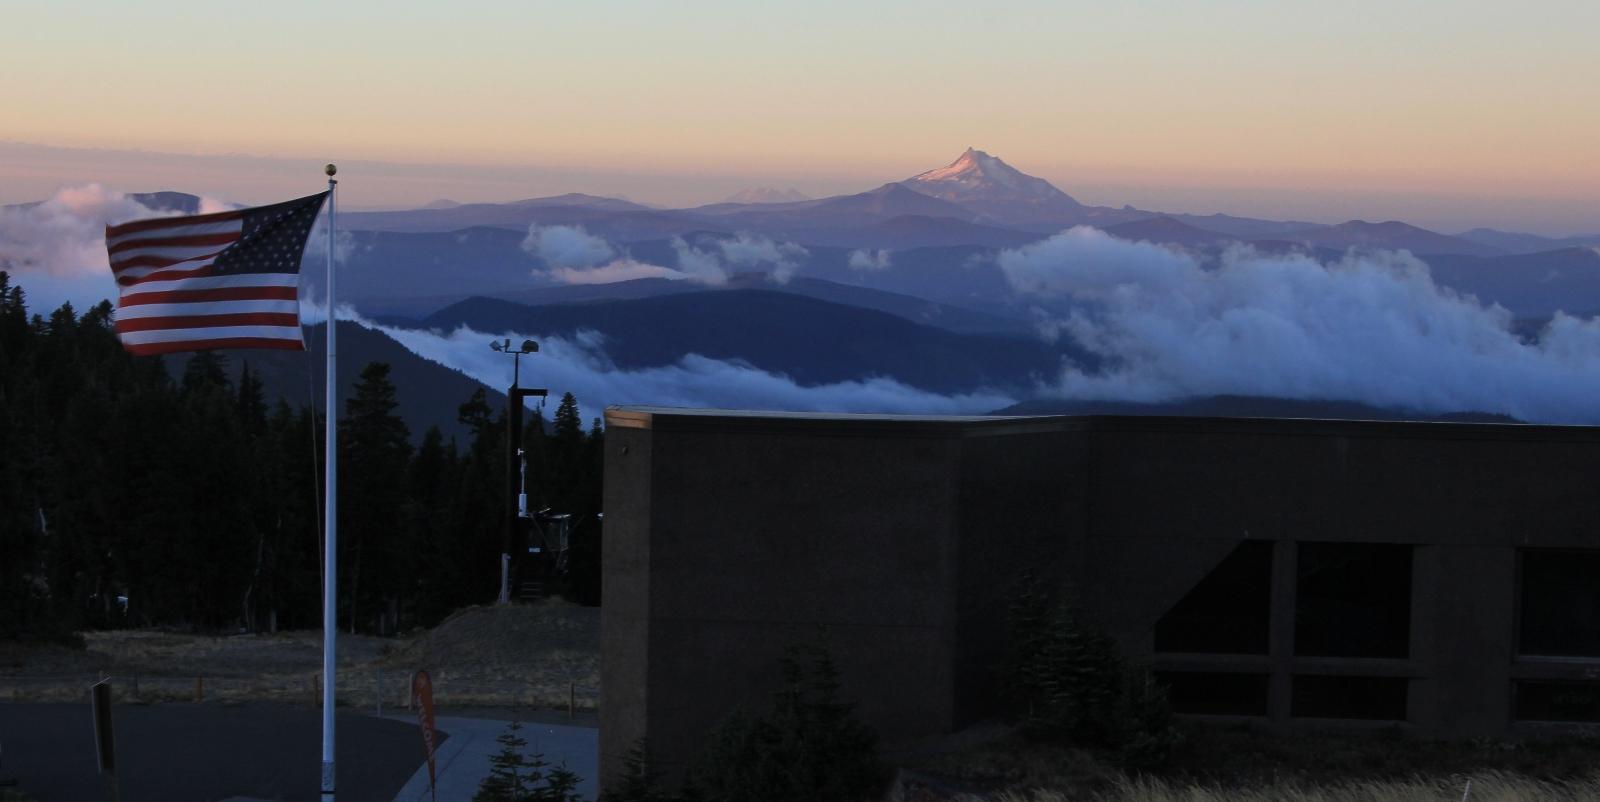 09-13-15 Mt. Hood Paradise Ridge hike (3)